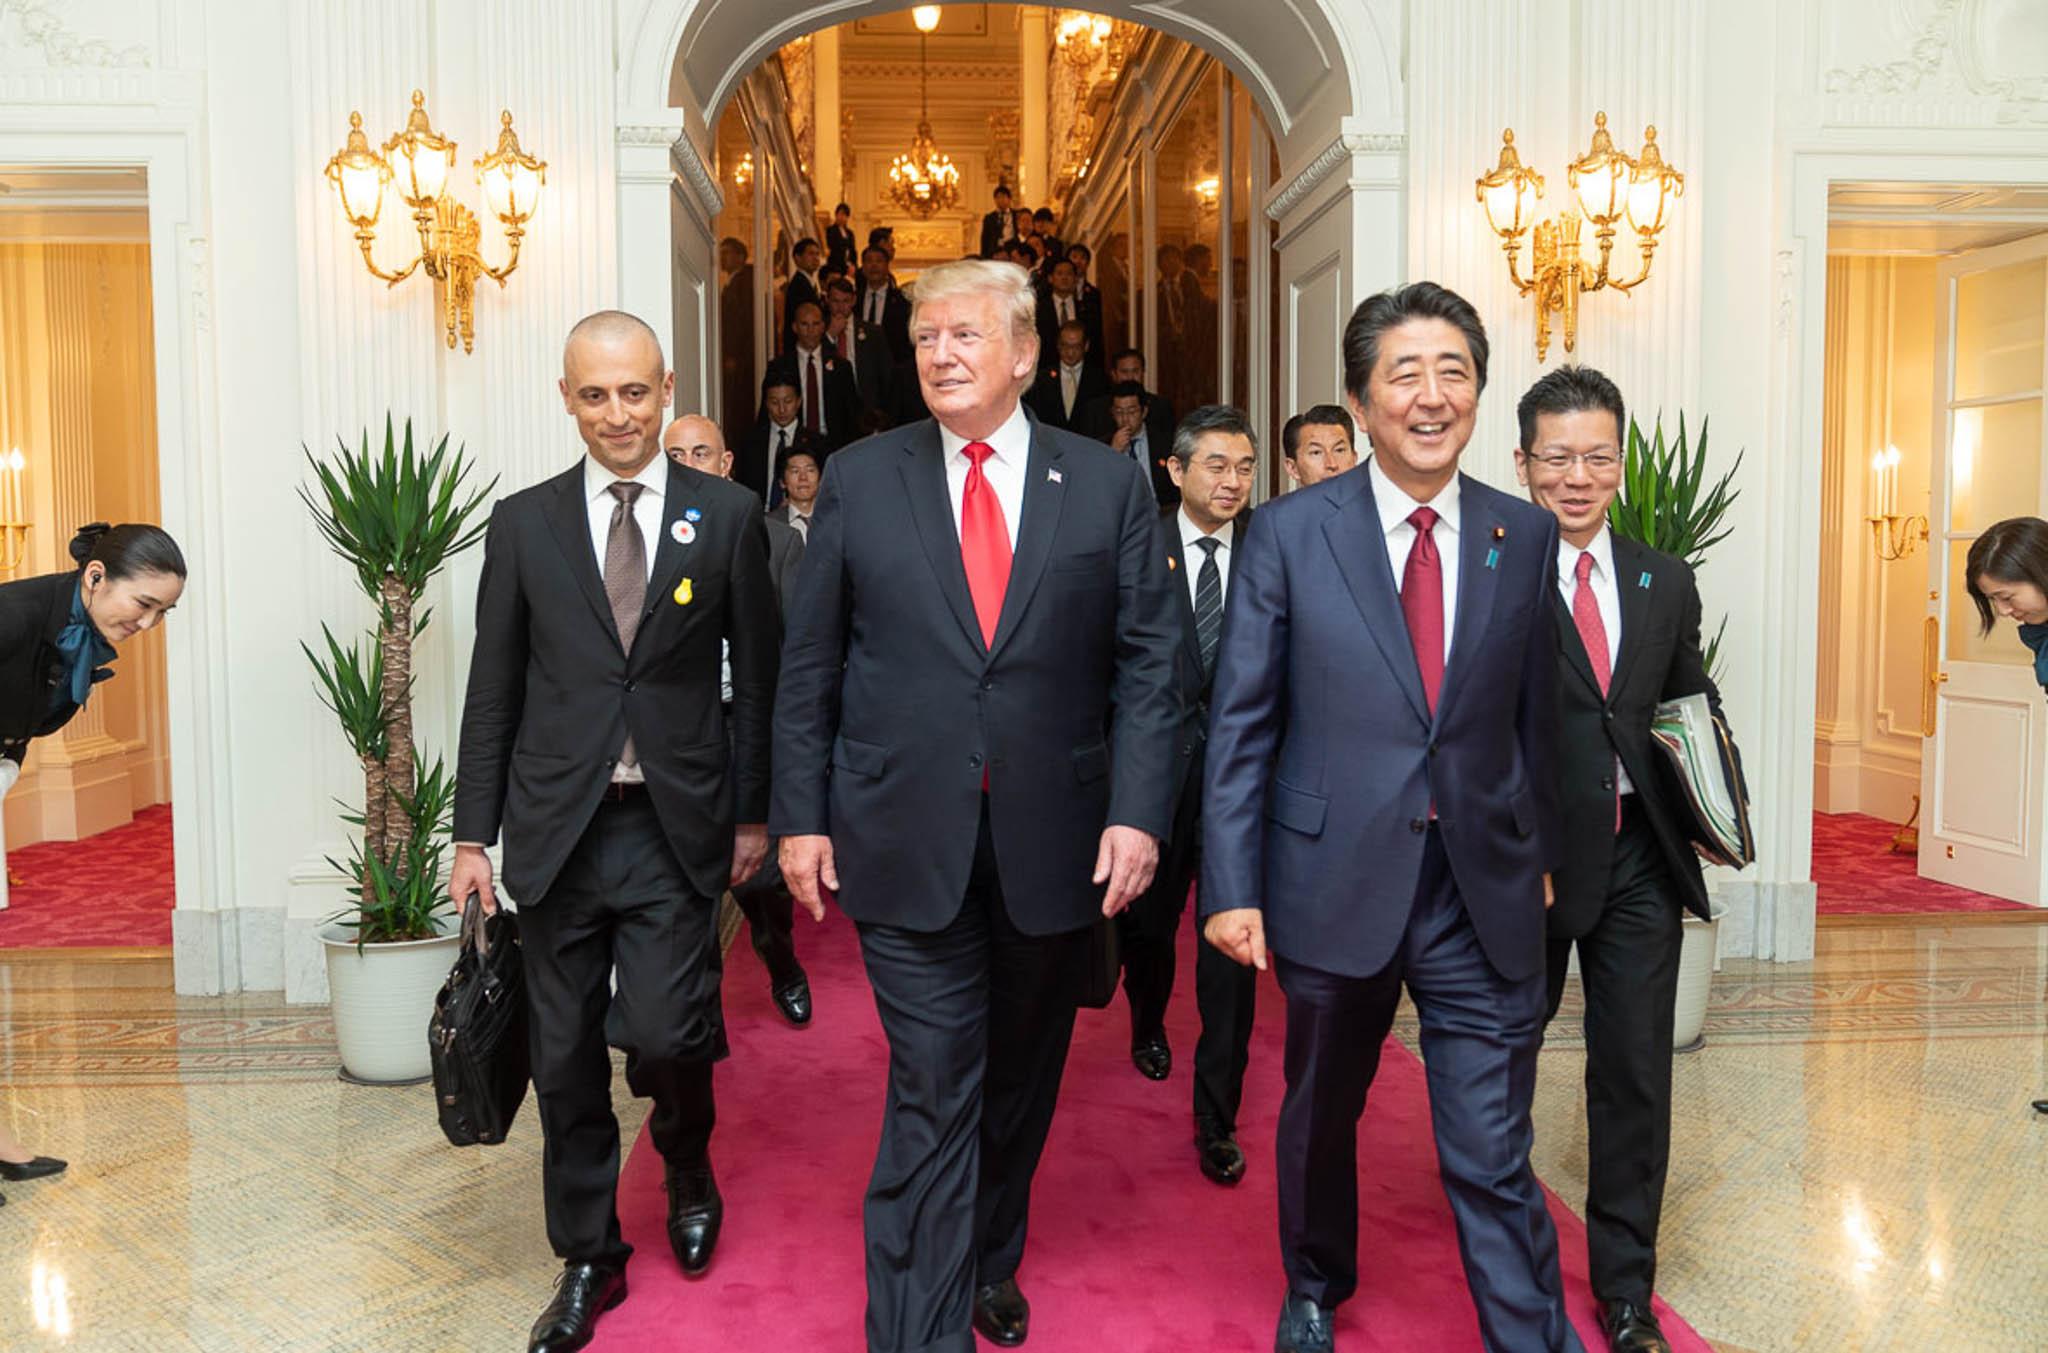 Donald Trump caminando con Shinzō Abe y otros (Shealah Craighead/La Casa Blanca)